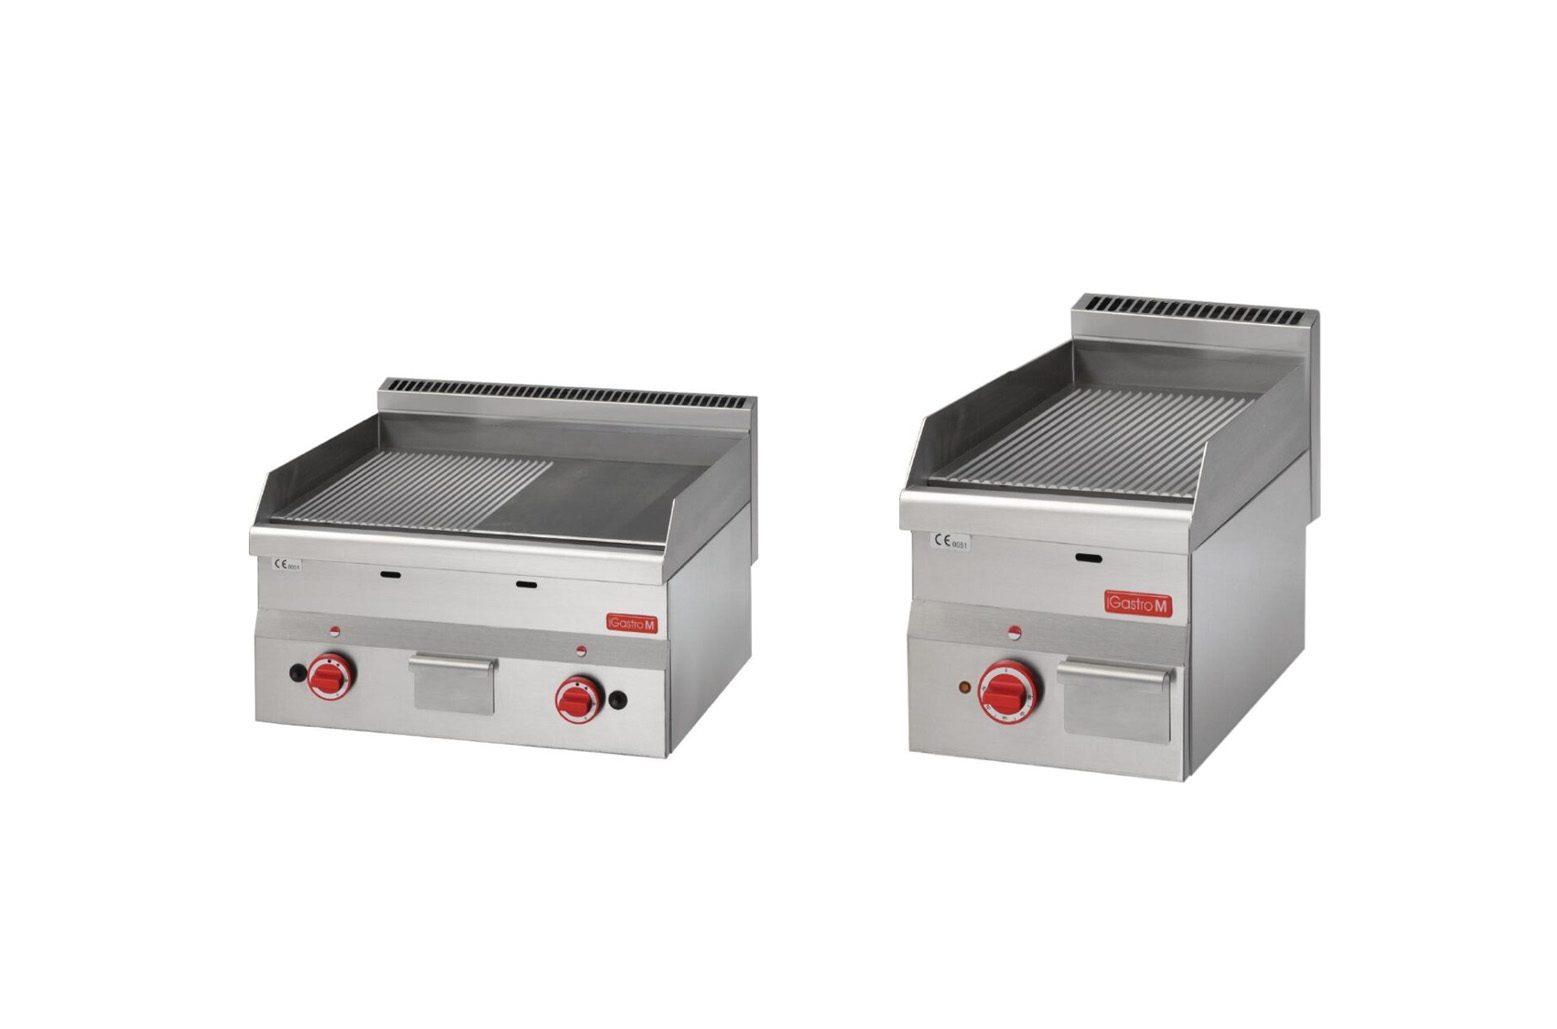 Bak- & grillplaten